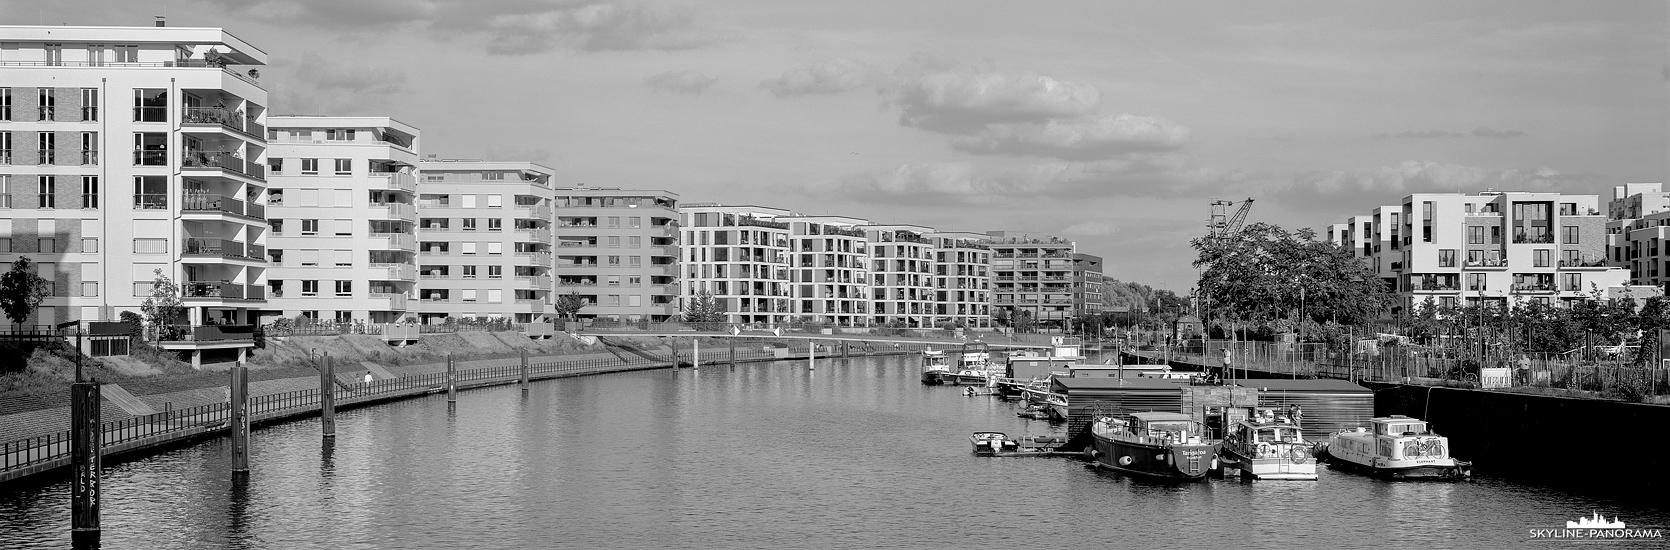 Stadtansicht von Offenbach - Moderner Wohnraum auf der Hafeninsel in Offenbachs neuem Stadtviertel, welches im ehemaligen Industriehafen am Mainbogen in den letzten Jahren entstanden ist.